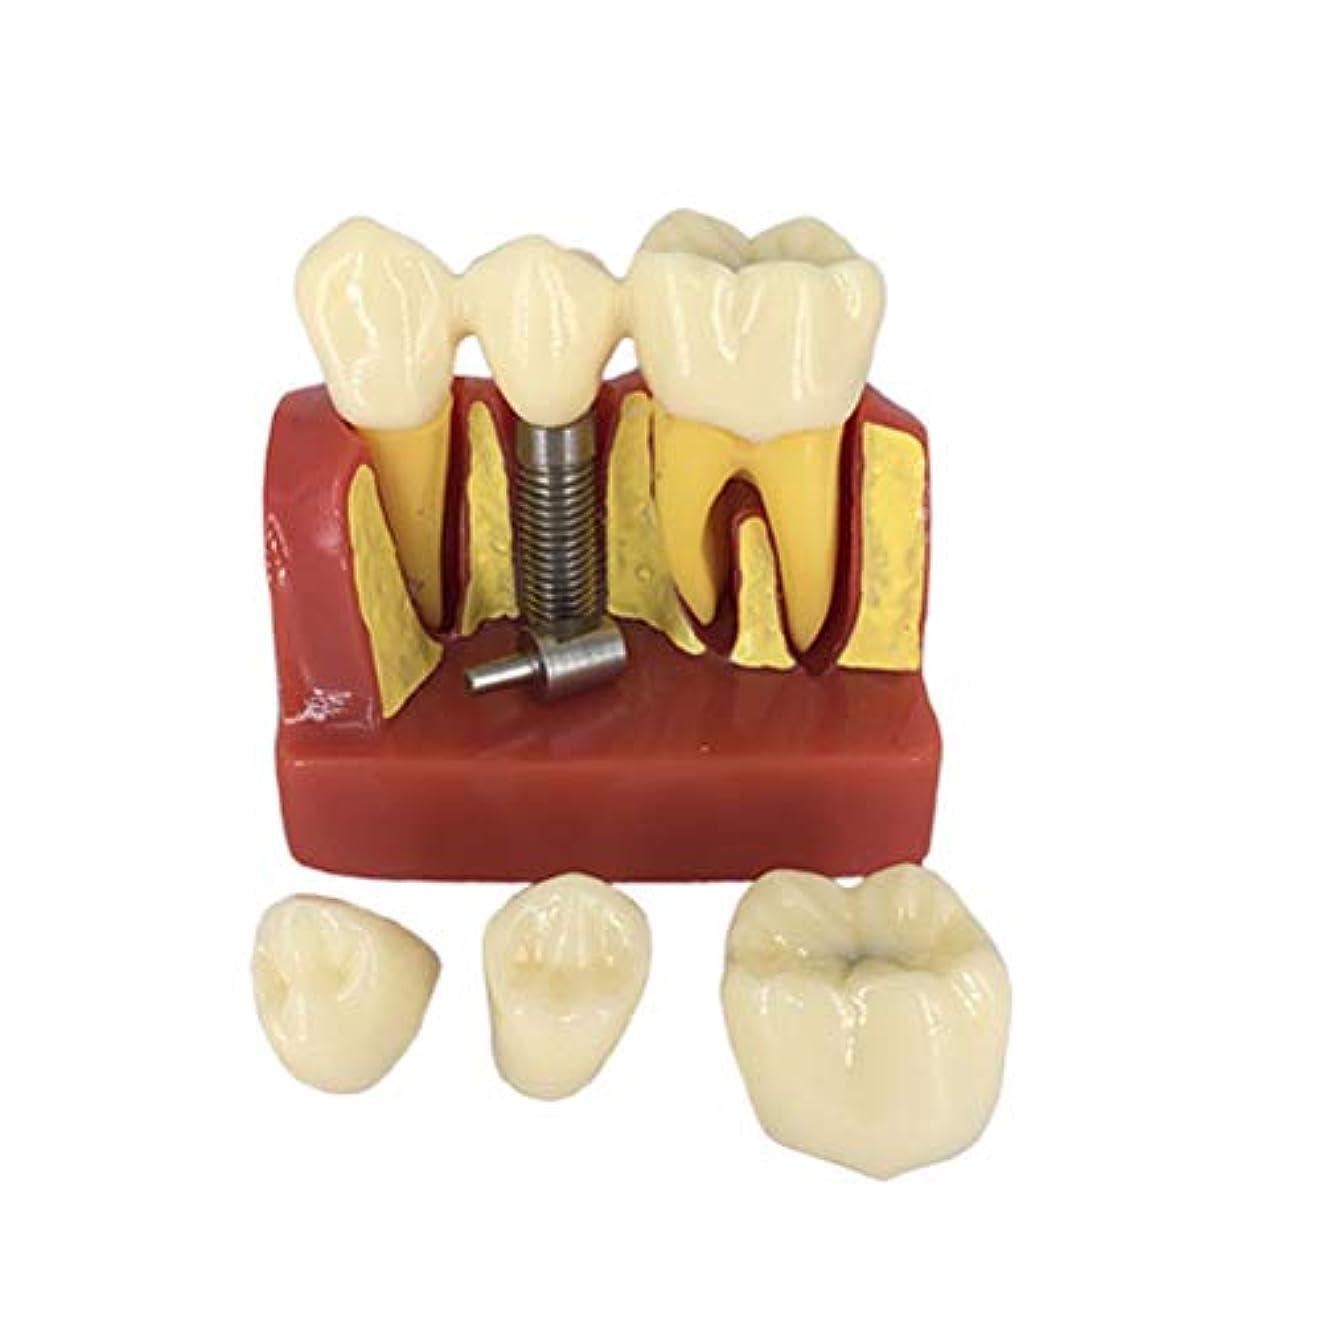 雪だるま失望させる統計HEALIFTY デンタルデモンストレーション歯モデルデンタルモードを教える標準的な研究